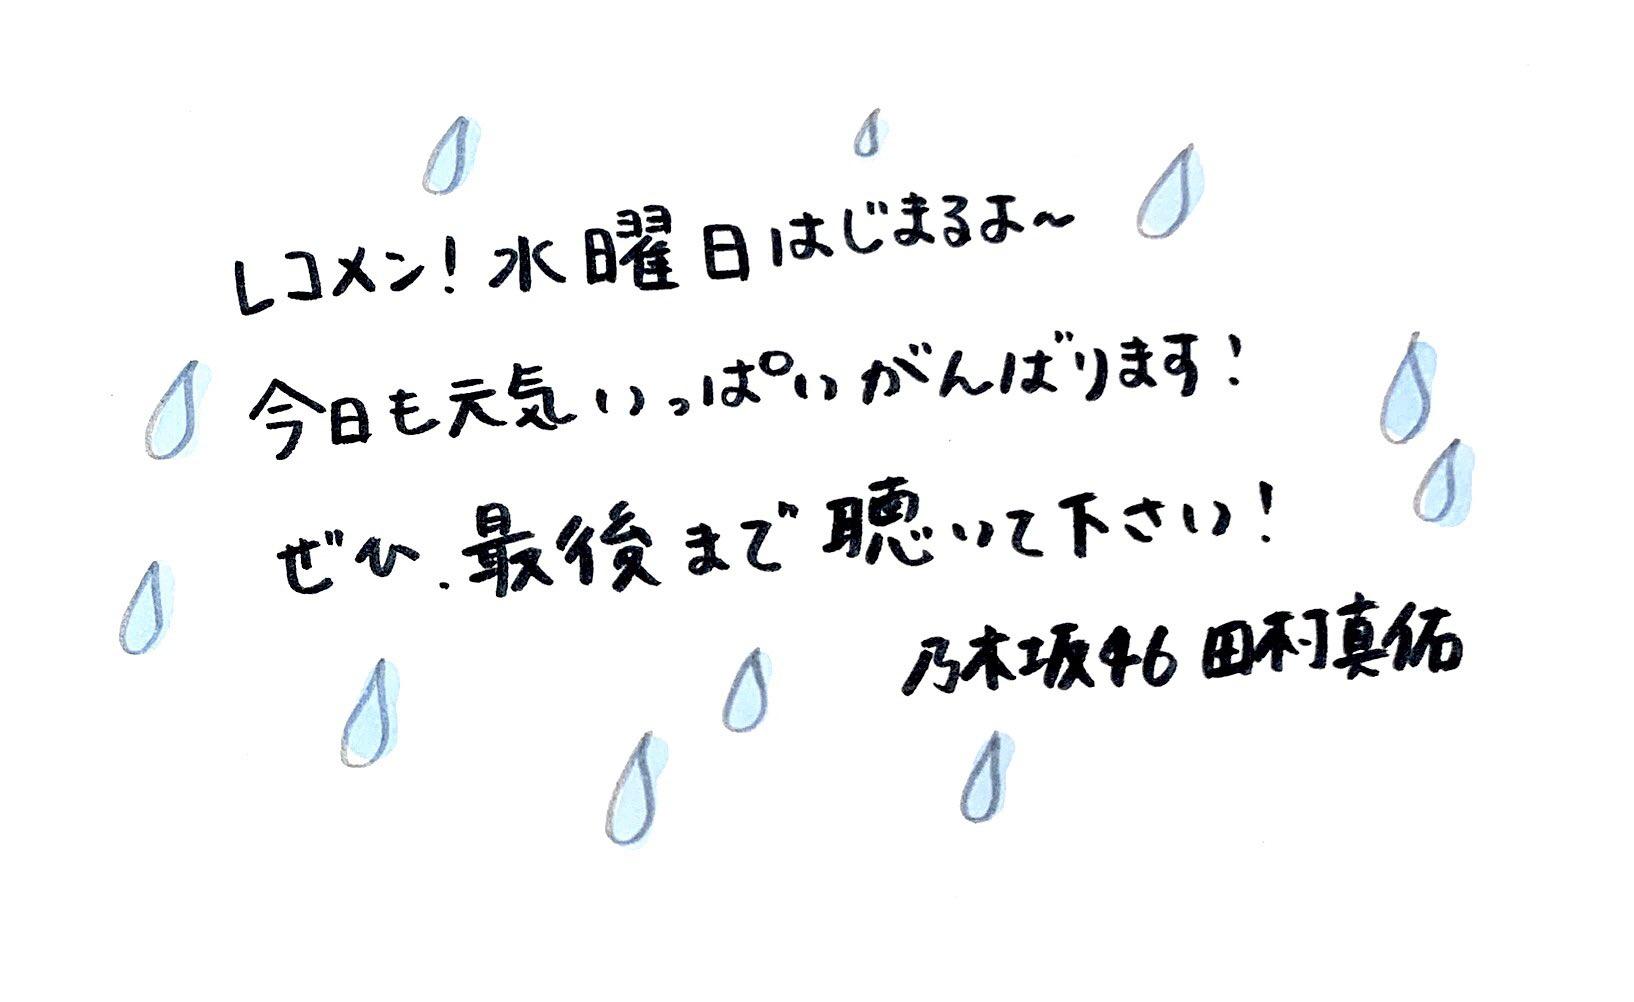 レコメン 田村真佑